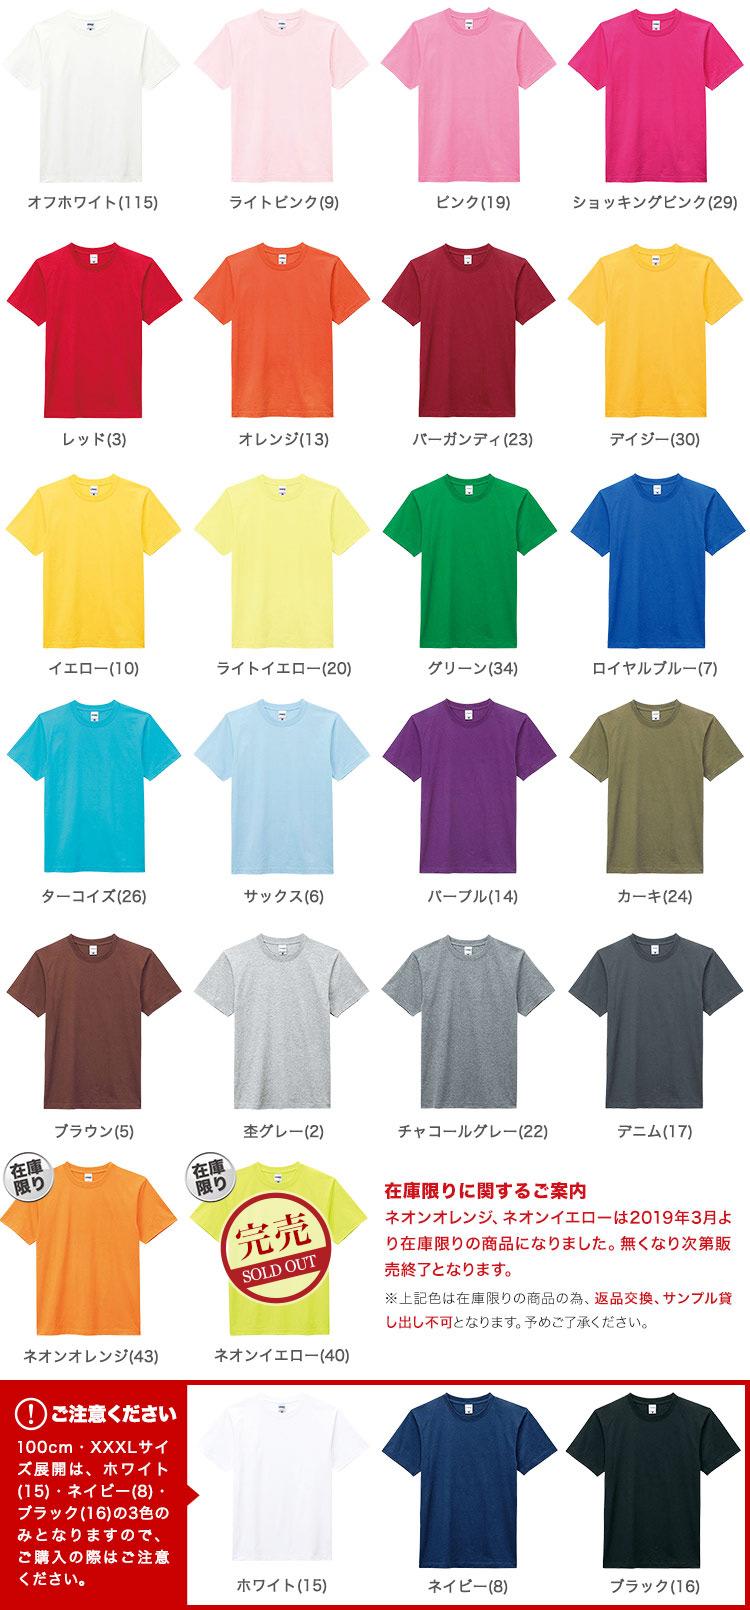 豊富なカラーバリエーションとサイズ展開で幅広い世代で揃えられるTシャツ(34-ms1148)